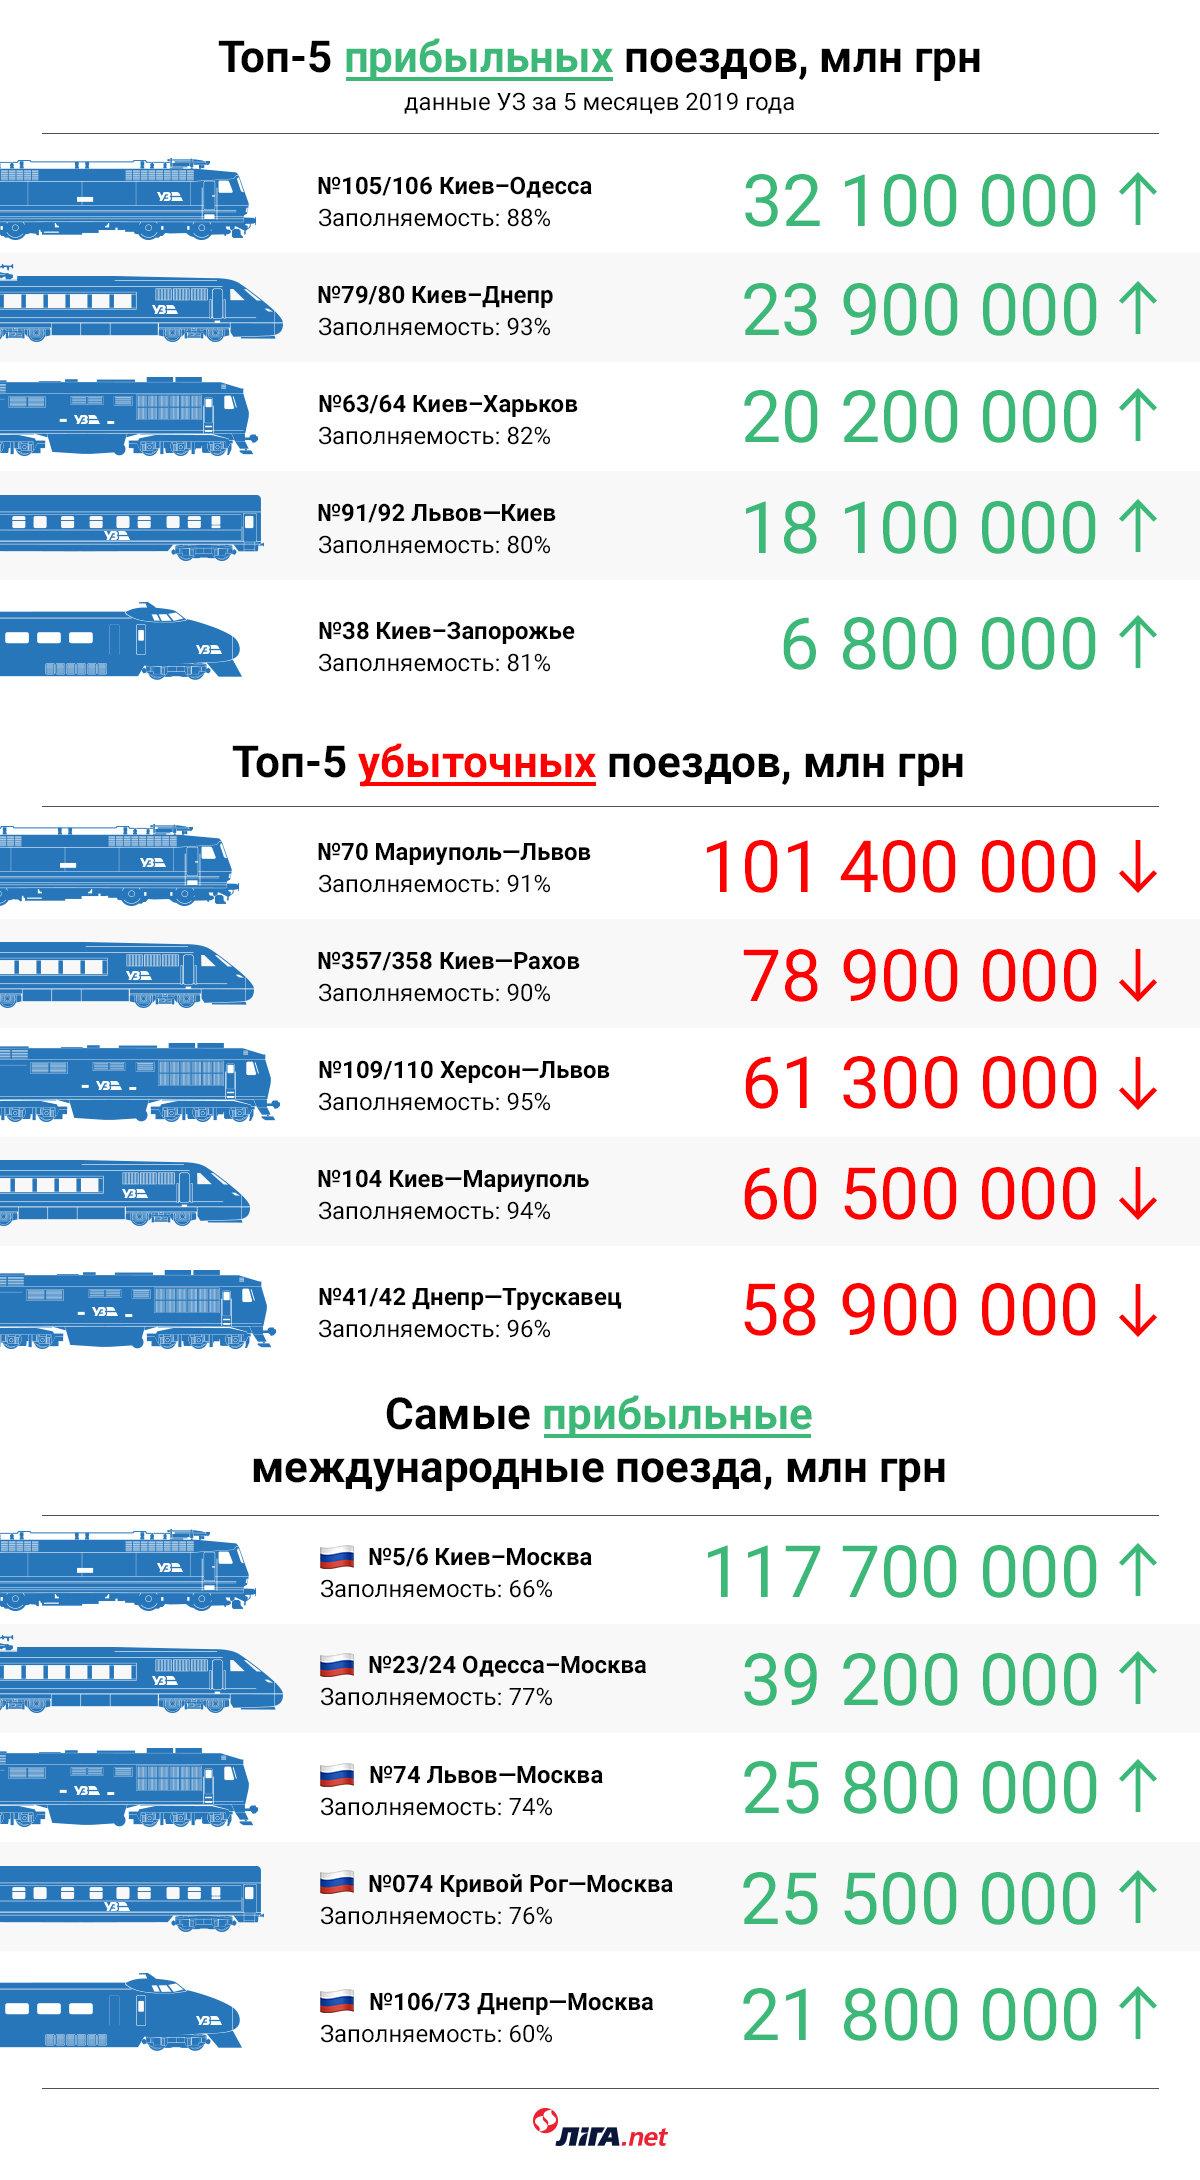 «Укрзалізниця» шокує: Поїзд «Хмельницький-Москва» визнали одним з найприбутковіших , фото-1